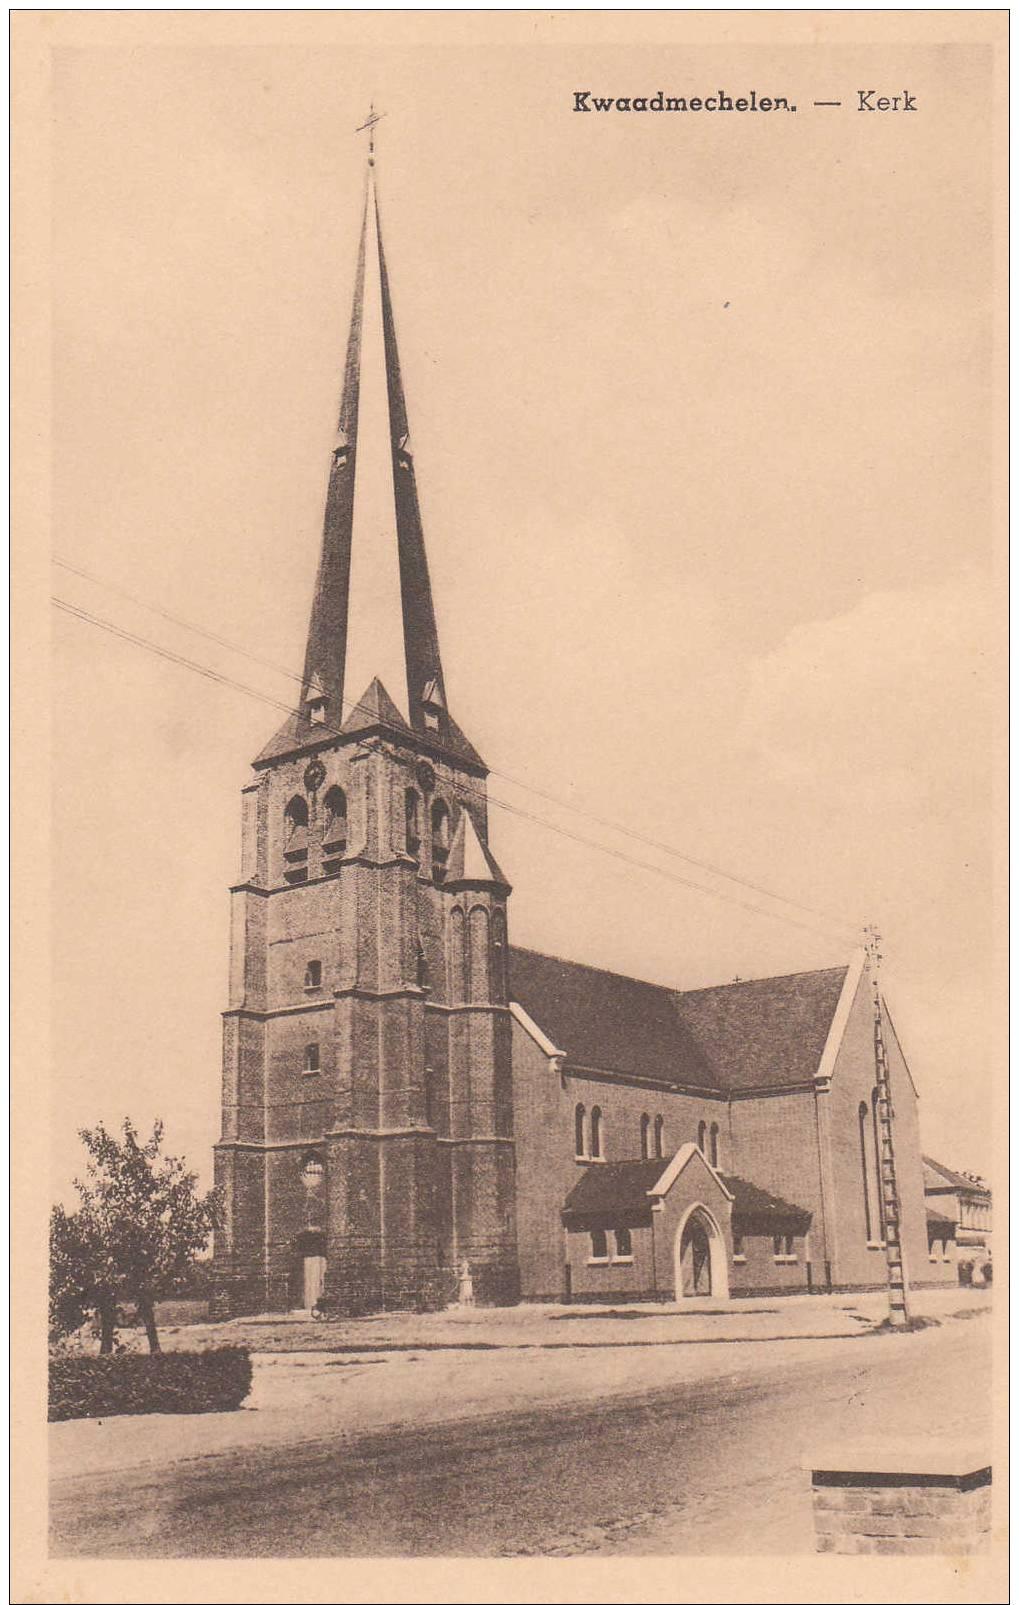 KWAADMECHELEN - Kerk - E. Beernaert, Lokeren - PRACHTKAART !! - Ham